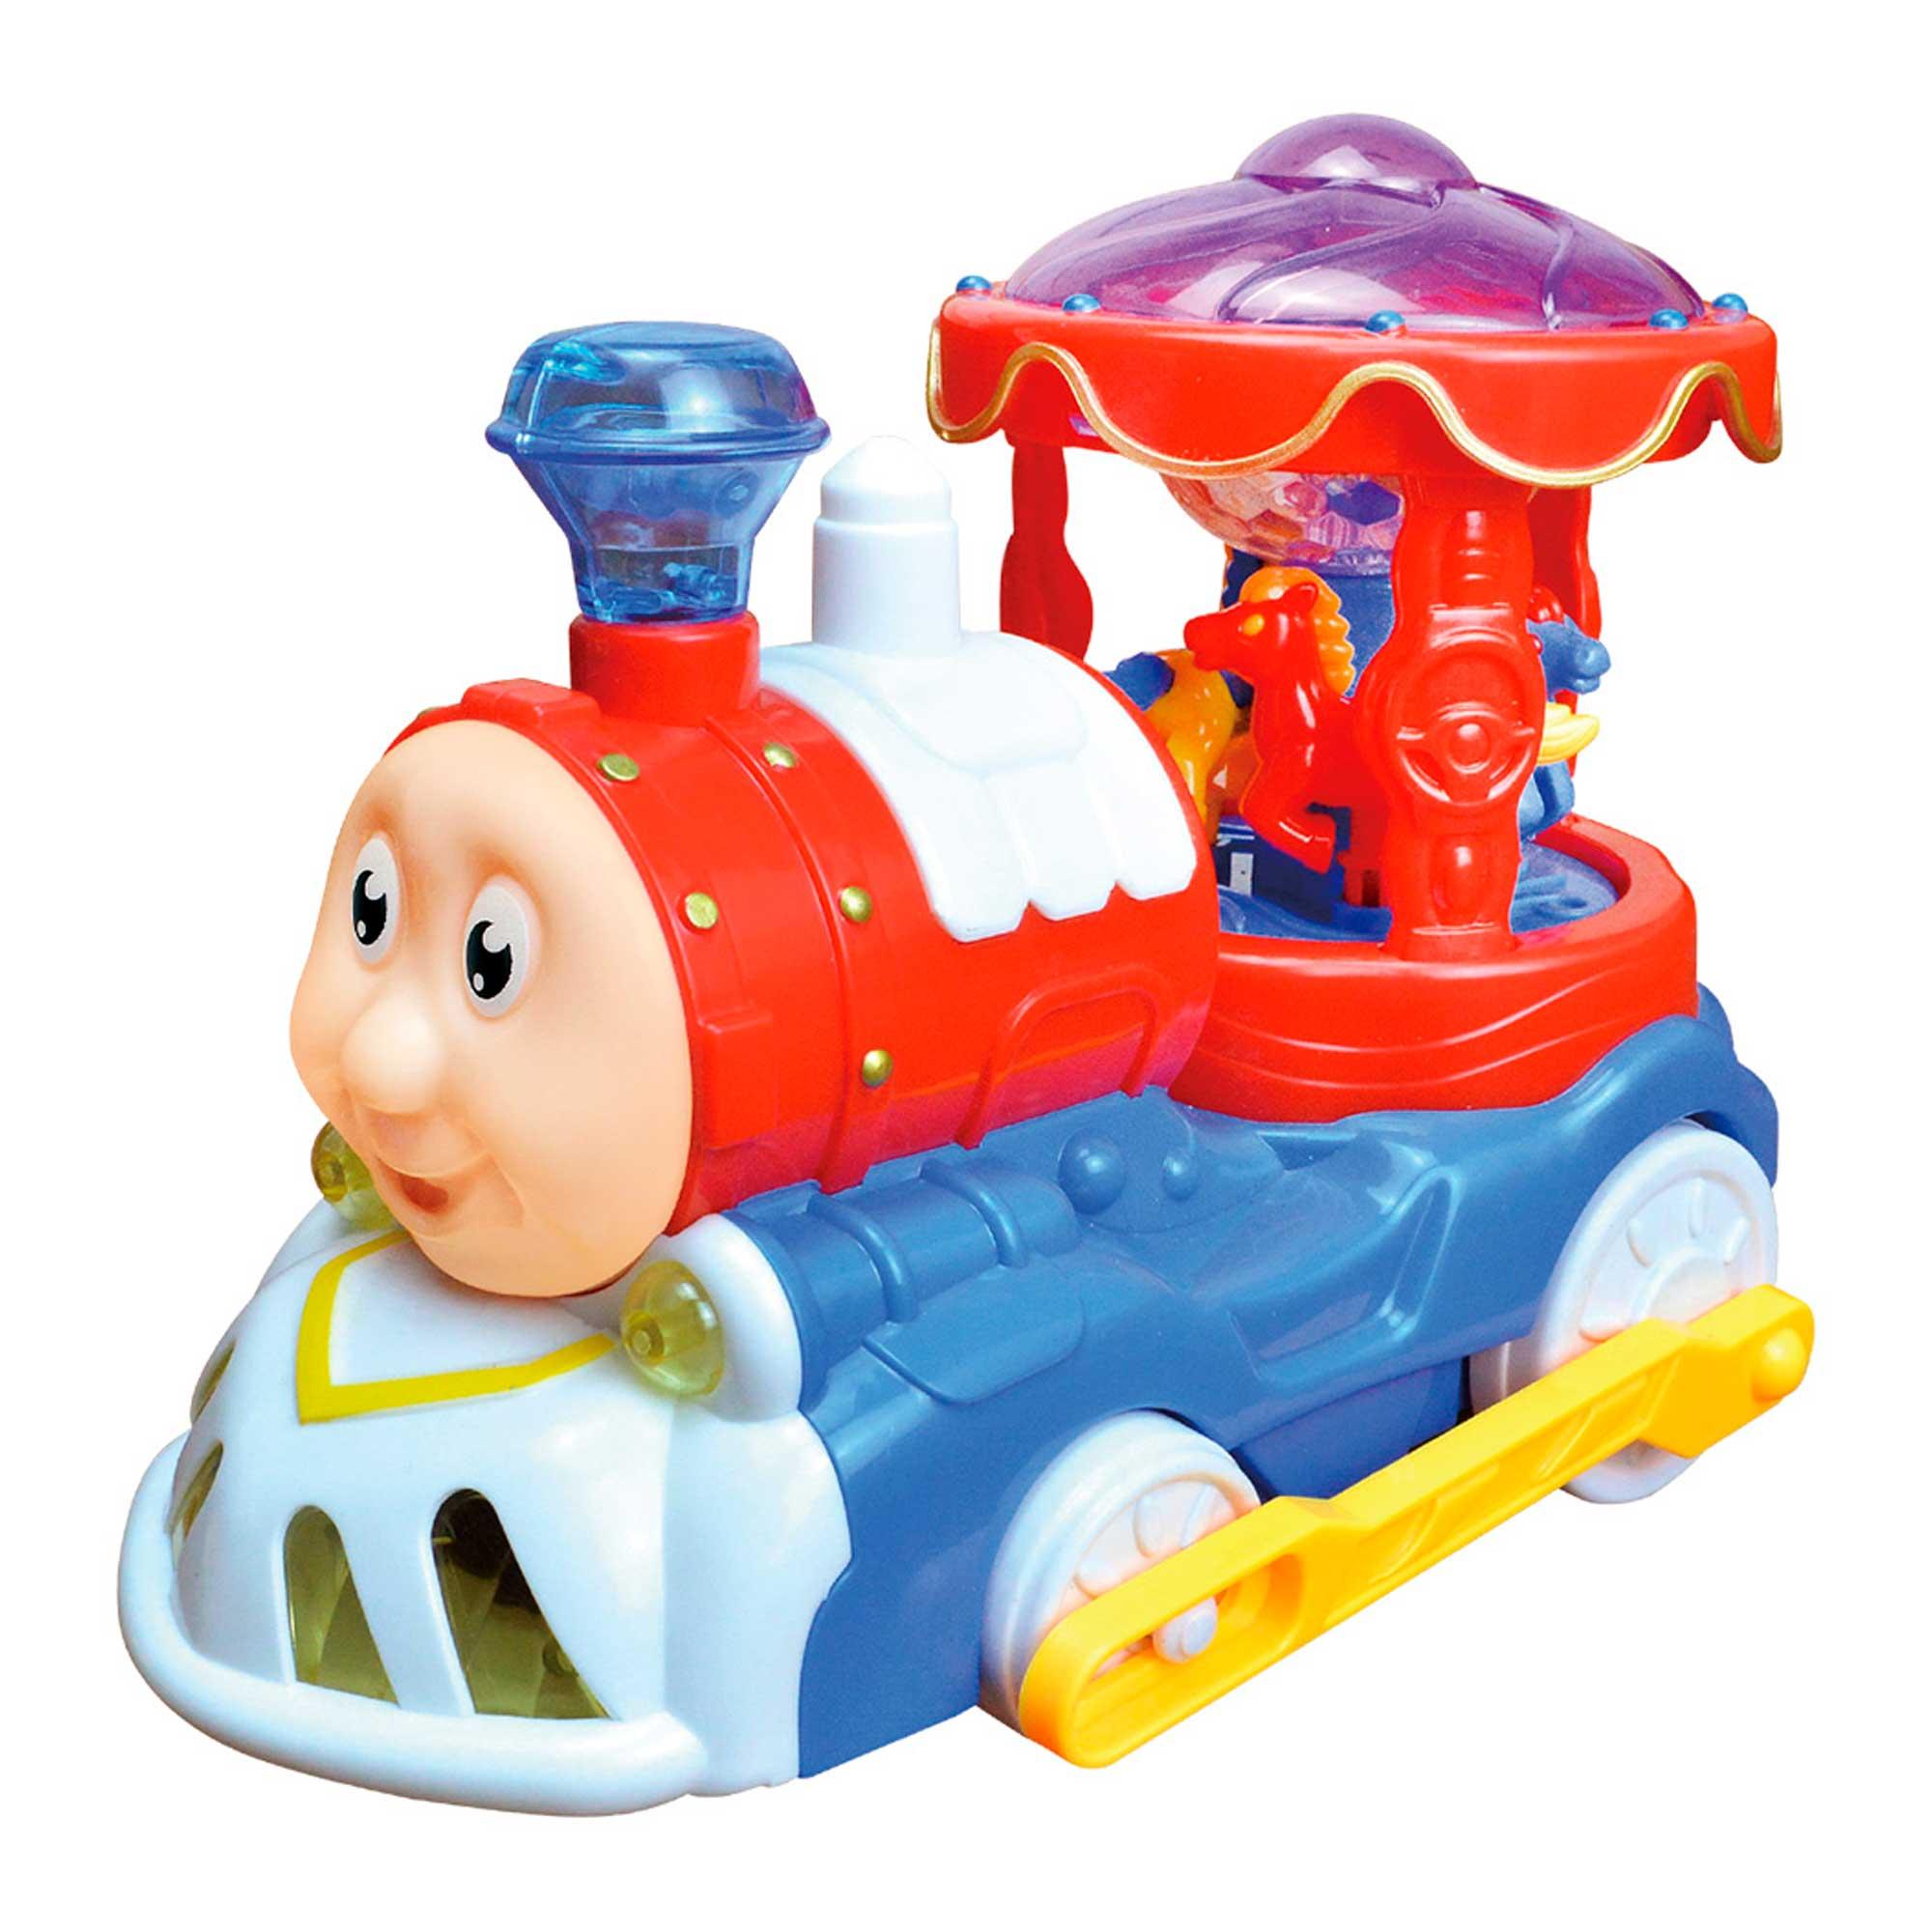 Trenzinho Carrosel Bate e Volta Brinquedo Infantil C/ Luz E Som